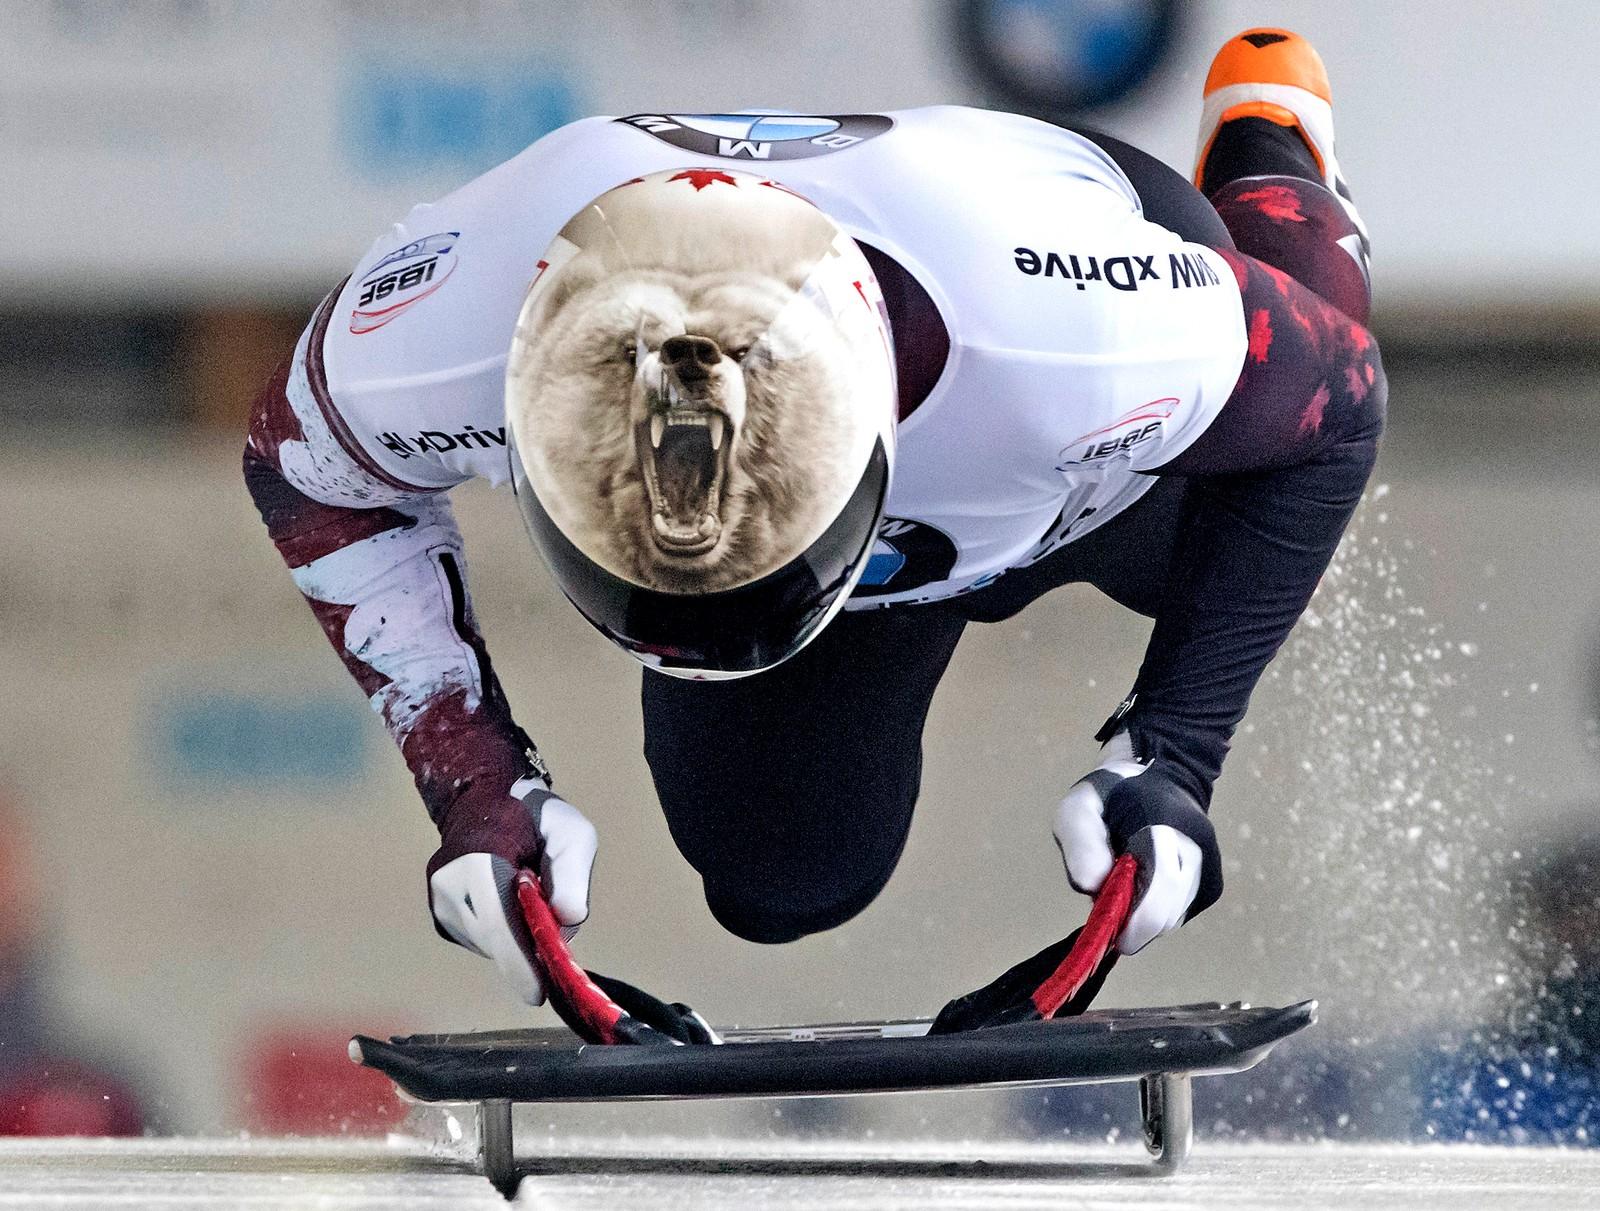 Rask som en isbjørn er et sjeldent brukt ordtak, men kanadiske Barrett Martineau kastet seg uti det i denne akekonkurransen i tyske Altenberg. Innsatsen ga årsbeste for Martineau - en 15. plass.